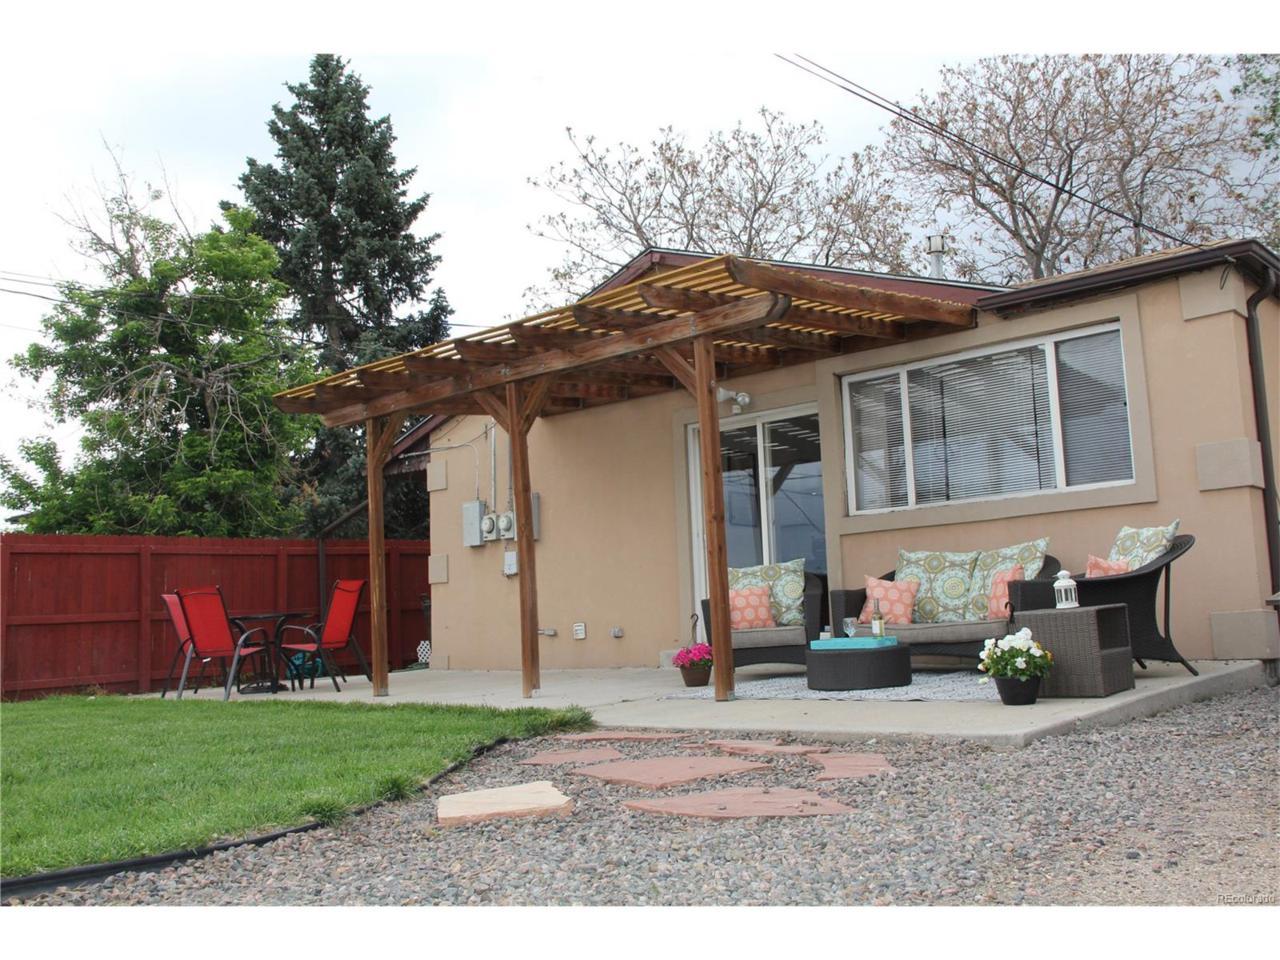 2069 S Acoma Street, Denver, CO 80223 (MLS #7641060) :: 8z Real Estate